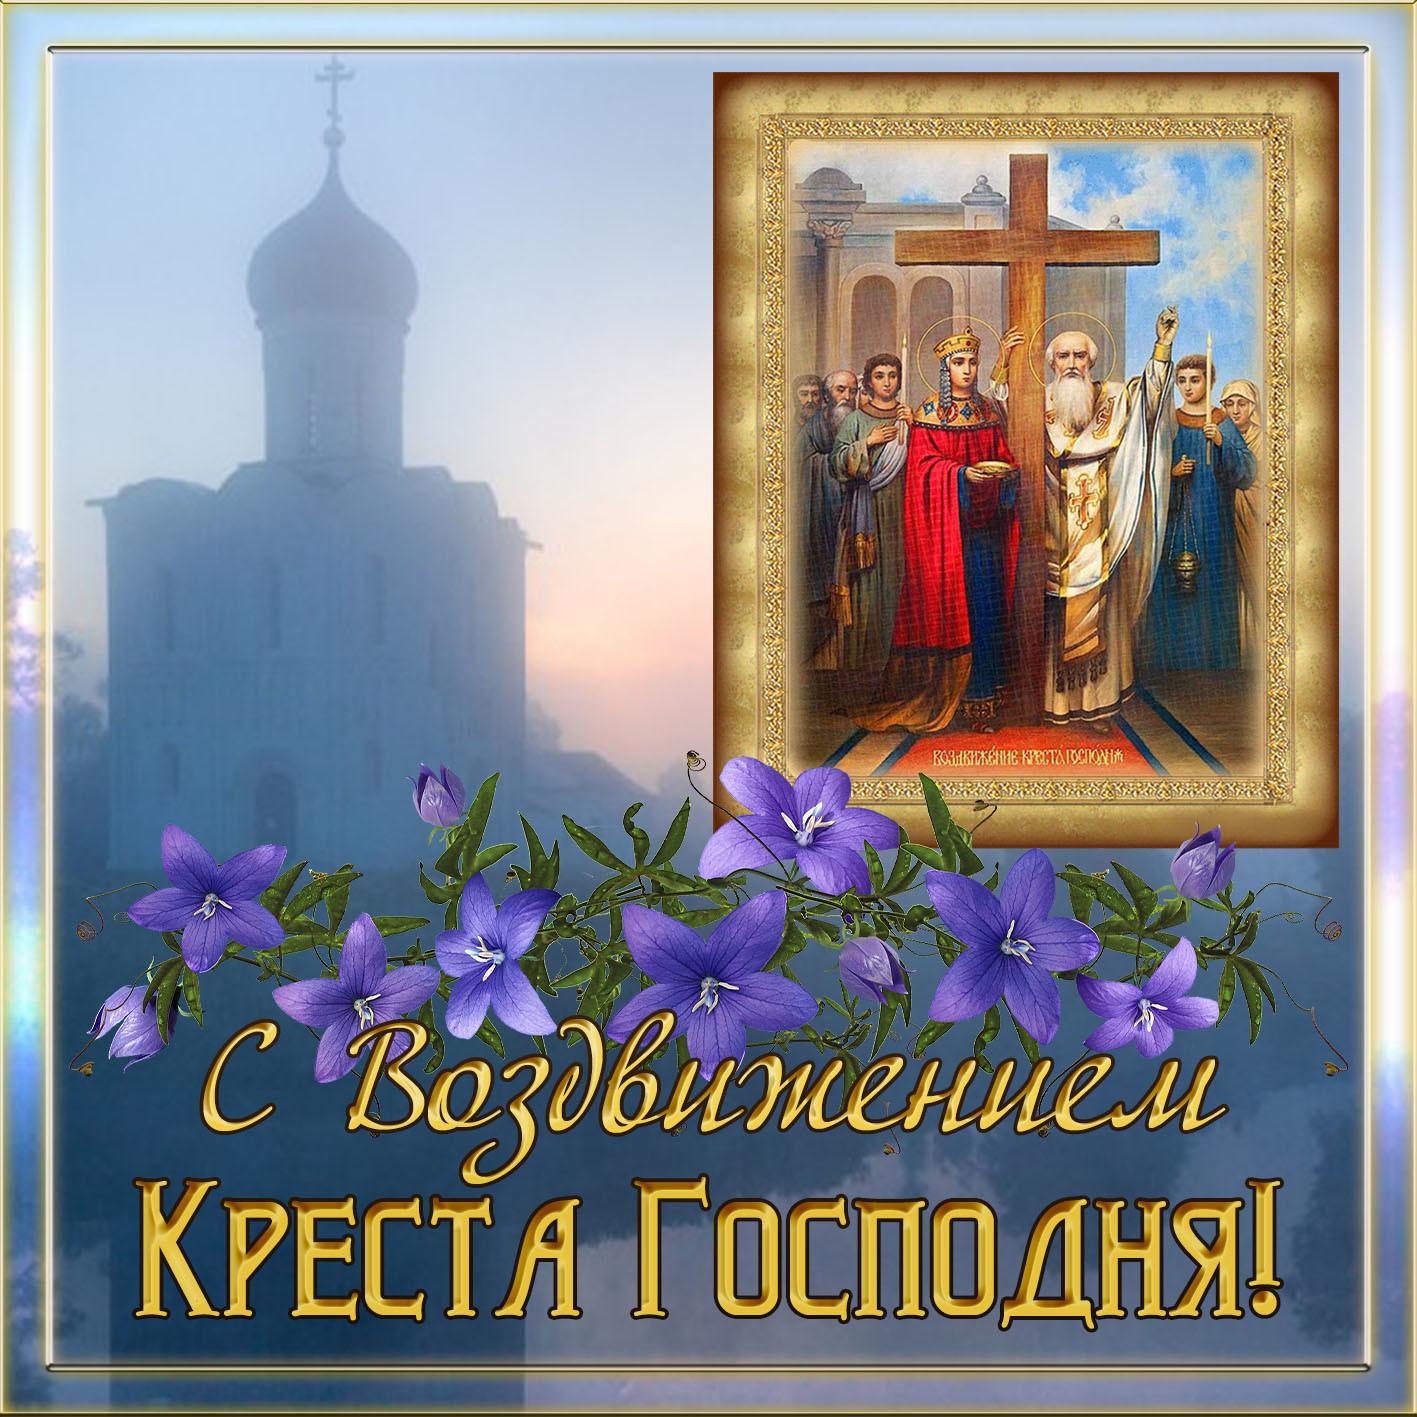 Лев картинка, поздравления воздвижение креста господня картинки